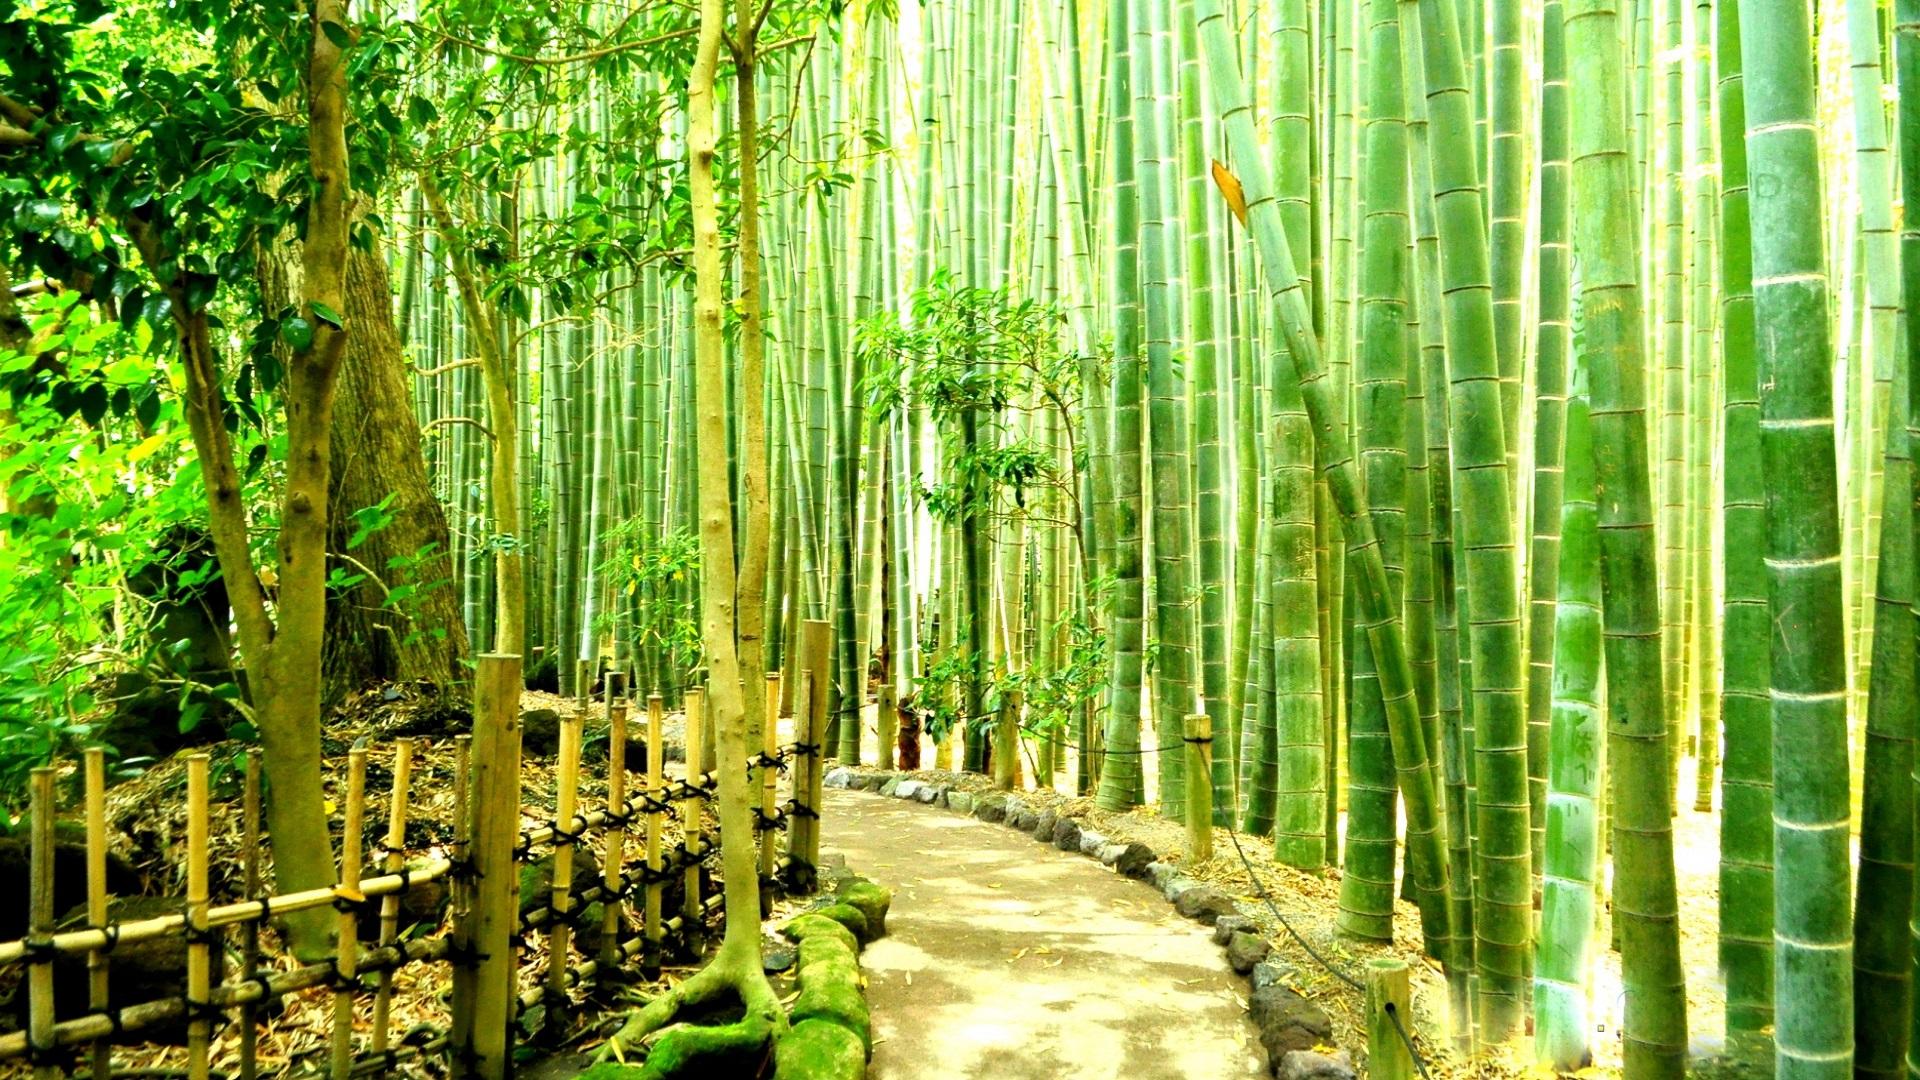 Bamboo Forest HD Wallpaper   PixelsTalk.Net